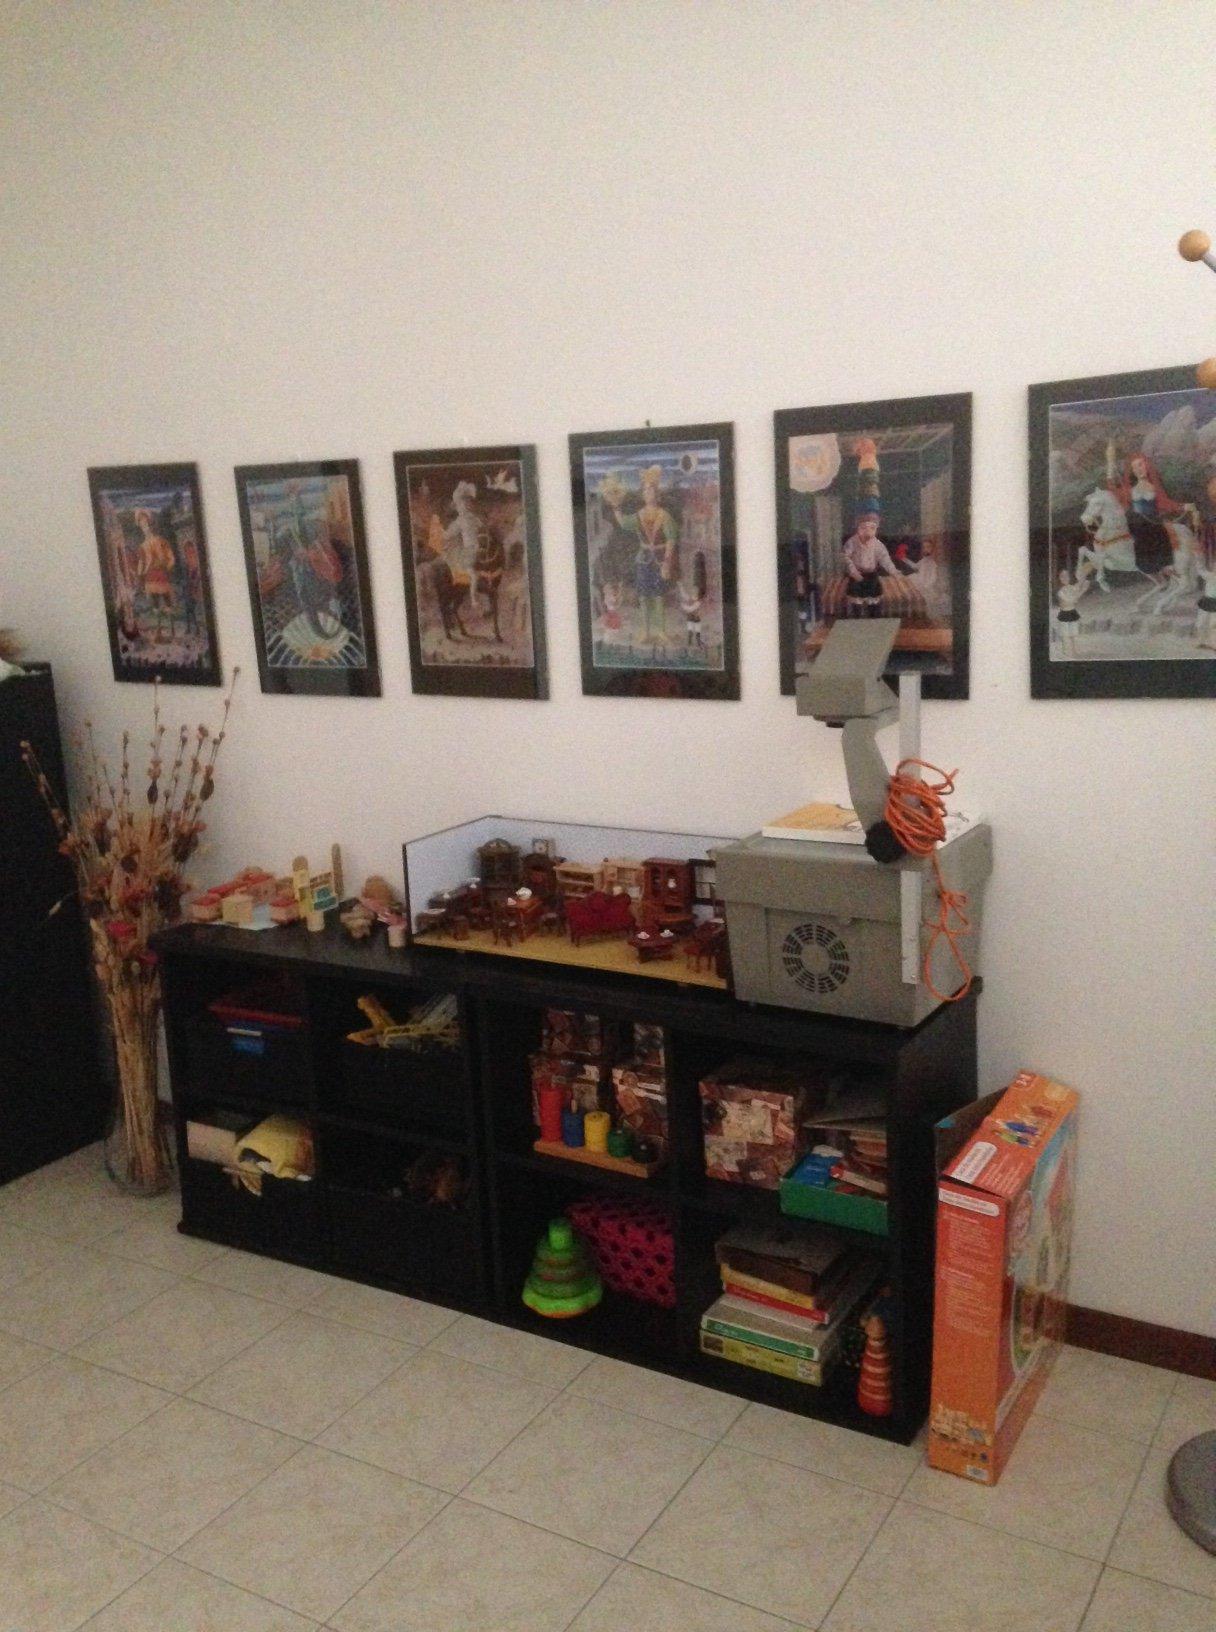 Mobile pieno di giocattoli e tabelle per la parete